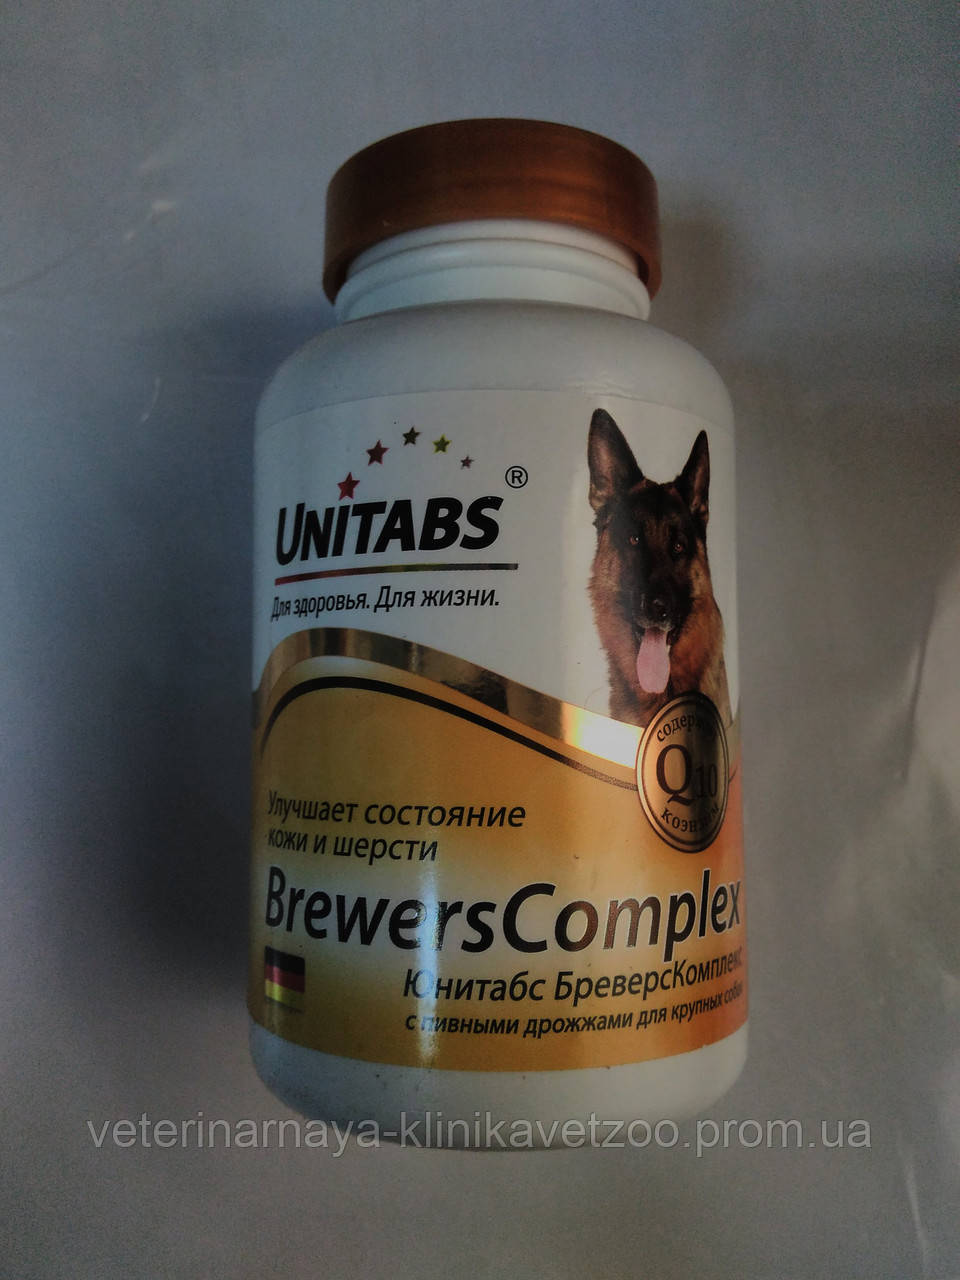 Unitabs Бреверс комплекс с пивными дрожжами для крупных собак.